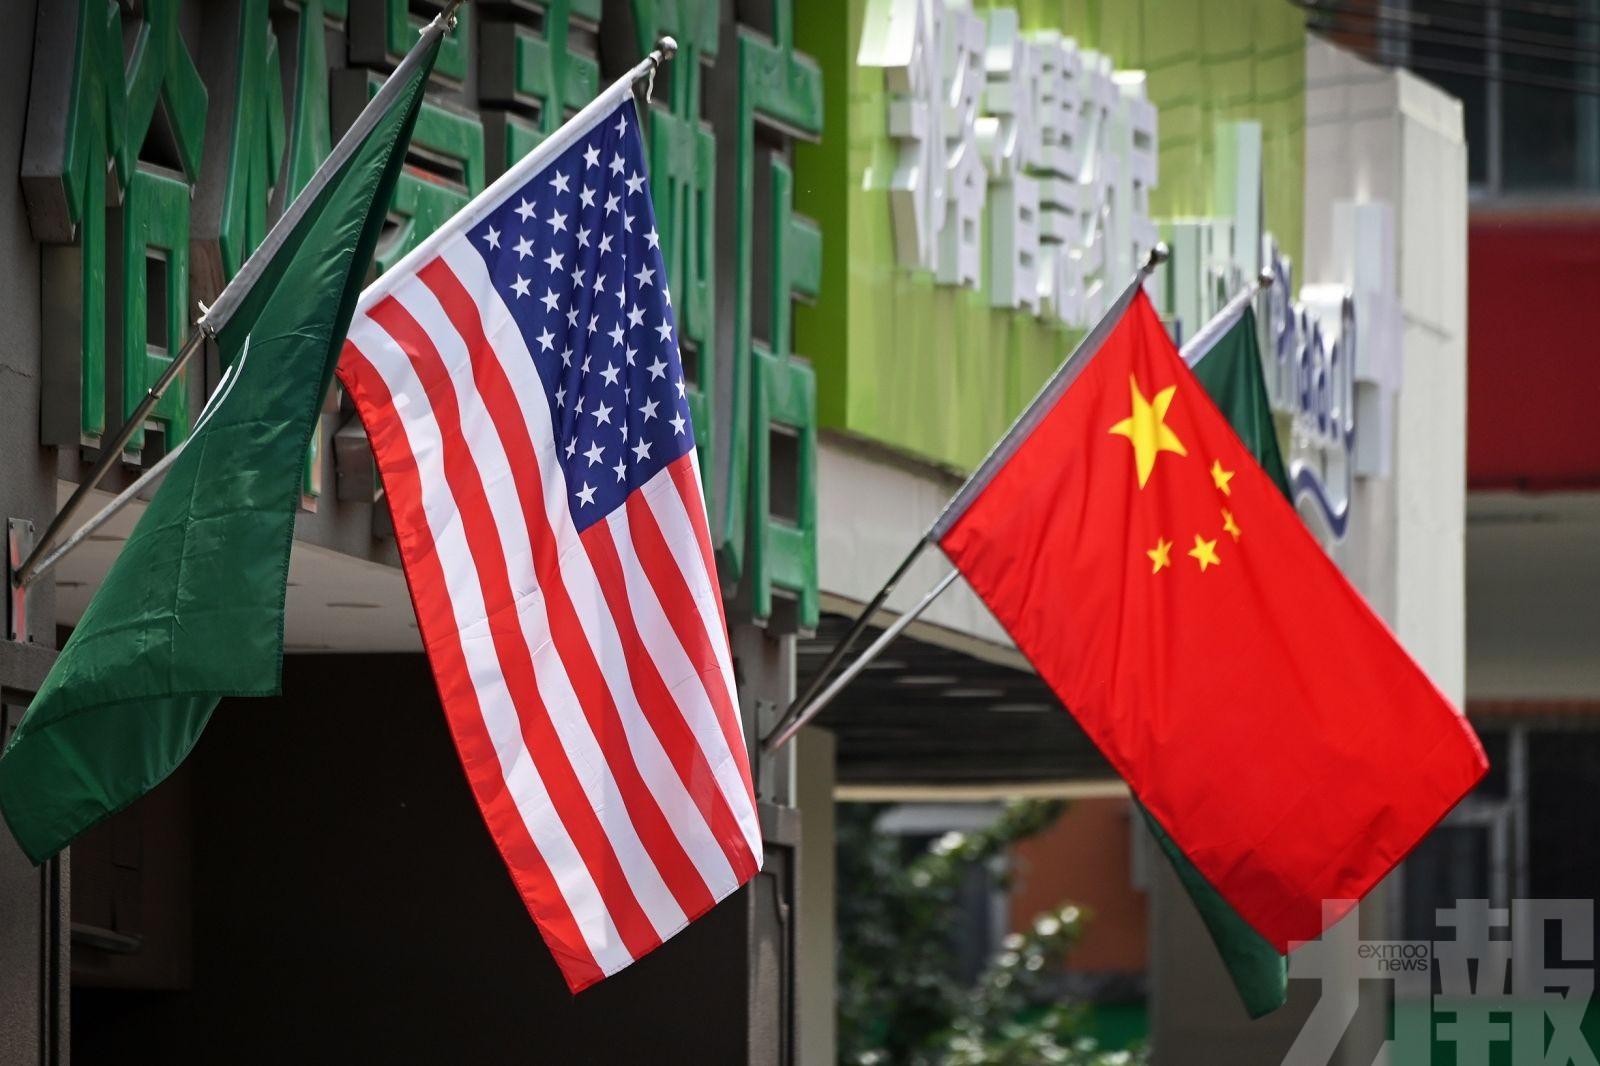 中美關係惡化 港股收跌557點報24,705